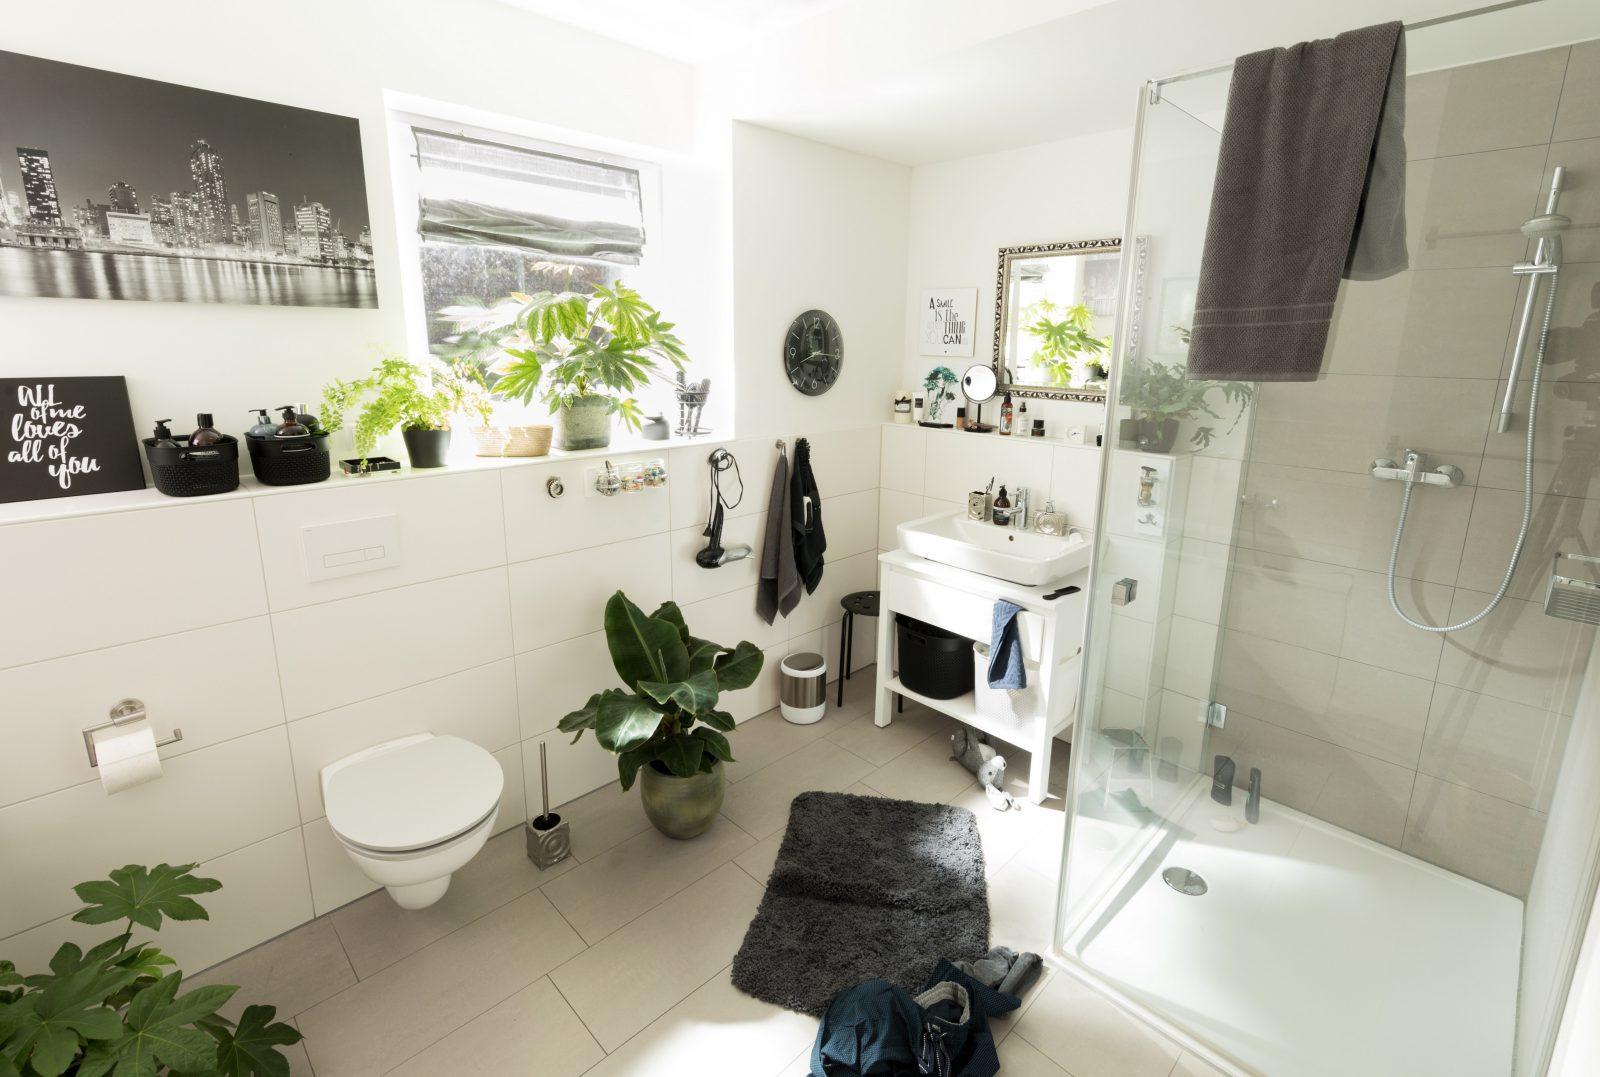 Badezimmer Dekorieren – Wohlfühlatmosphäre Im Bad  Obi von Badezimmer Verschönern Dekoration Photo